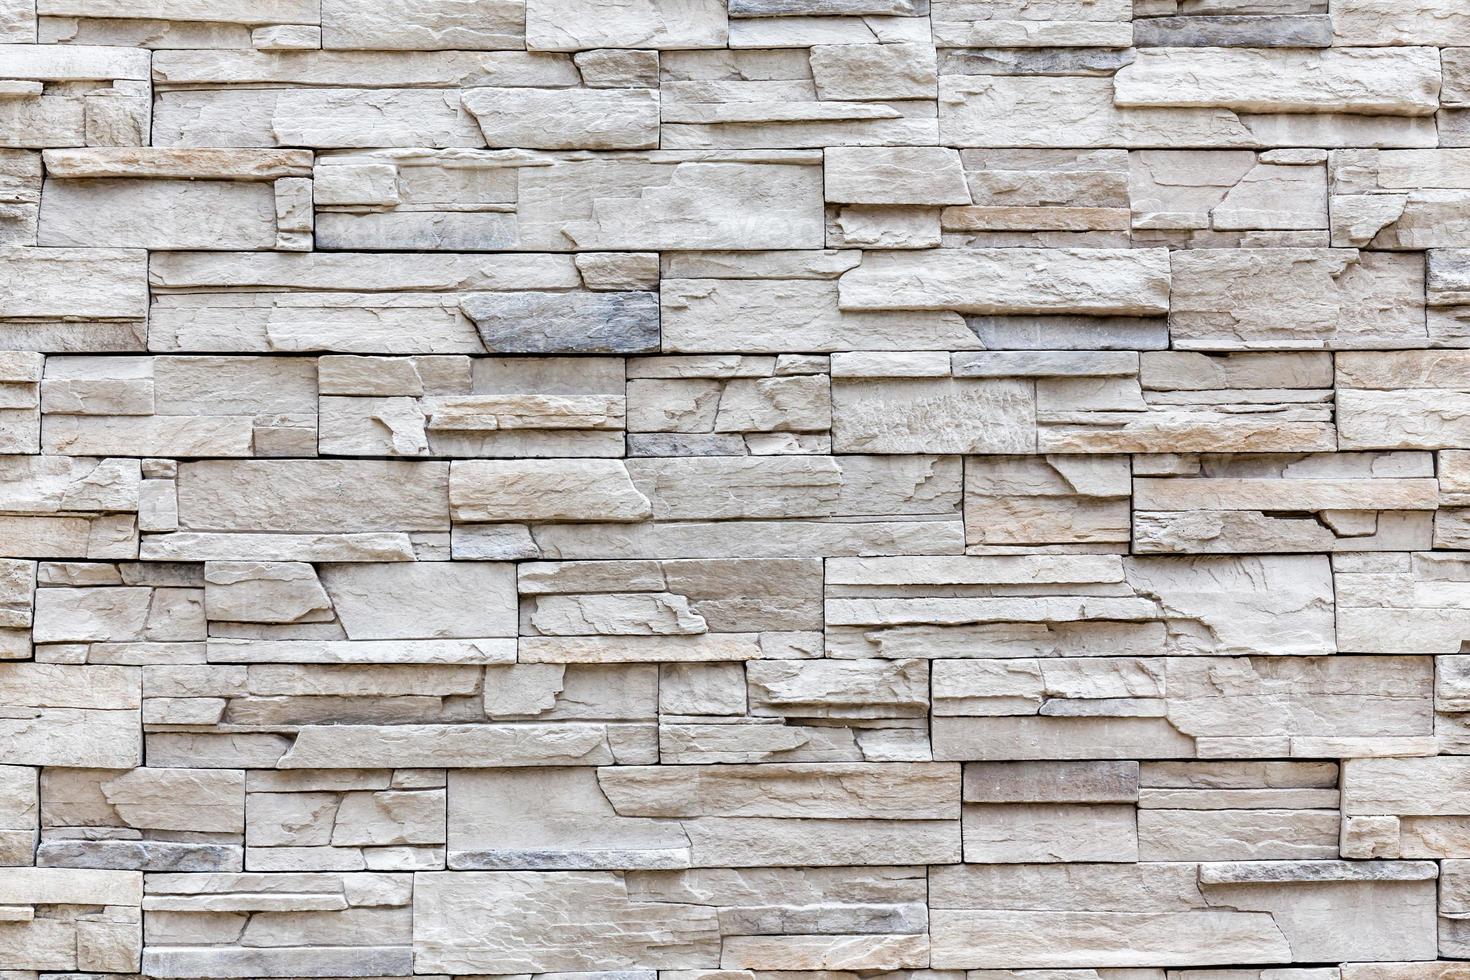 ytter ytter sten tegelvägg, bakgrund vägg mönster. foto